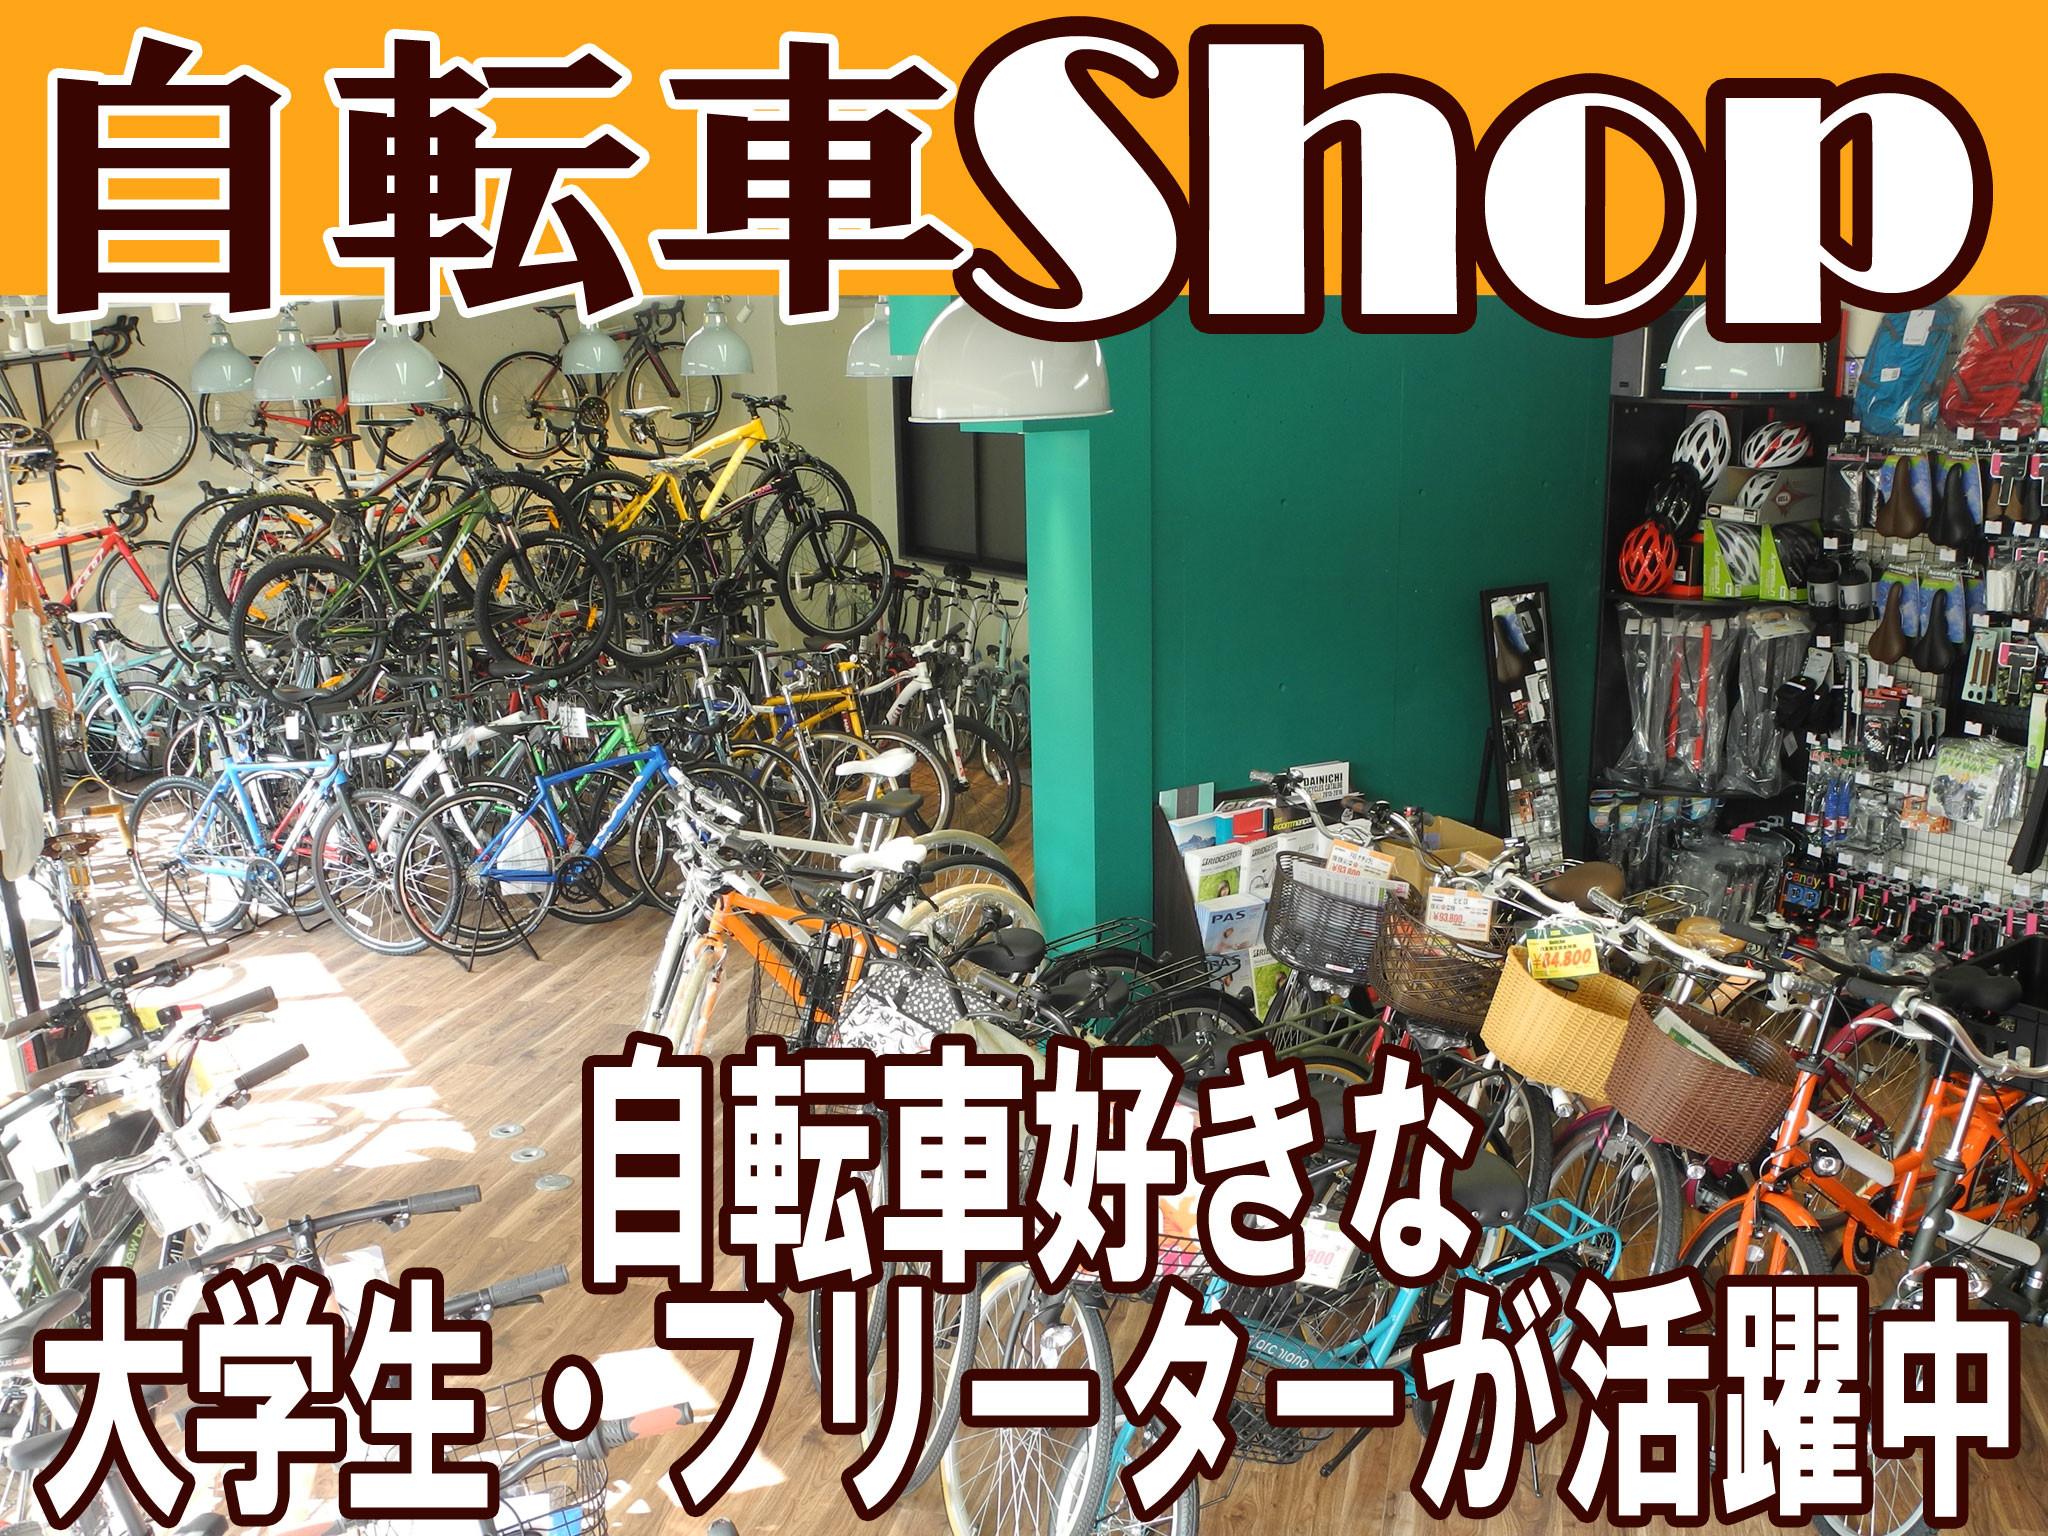 自転車のきゅうべえ 田中里ノ前店 のアルバイト情報